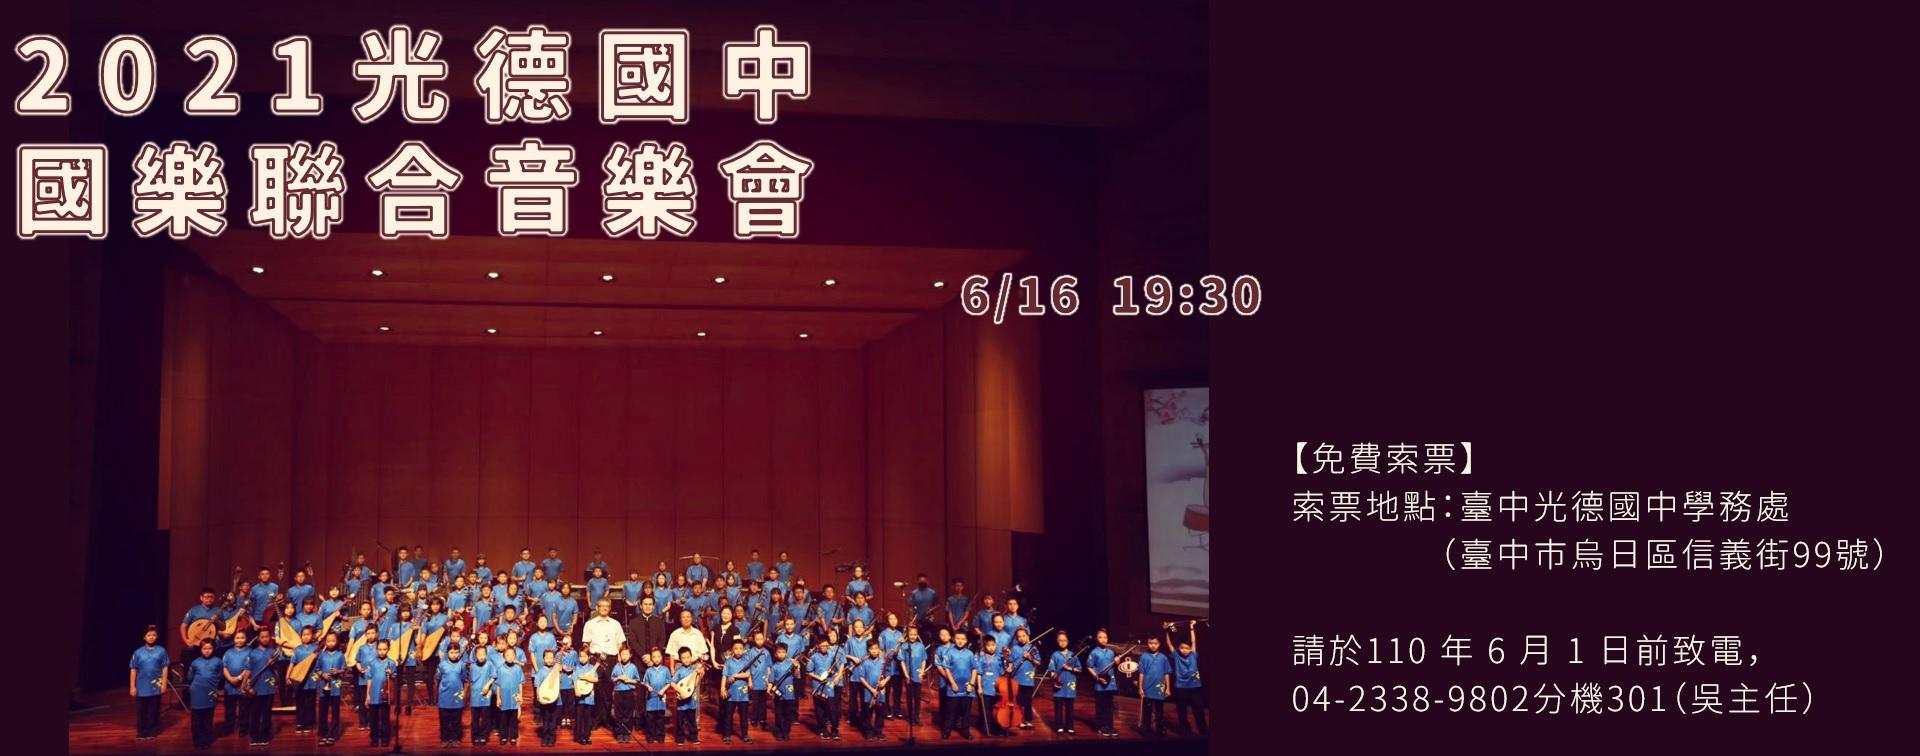 2021光德國中國樂聯合音樂會